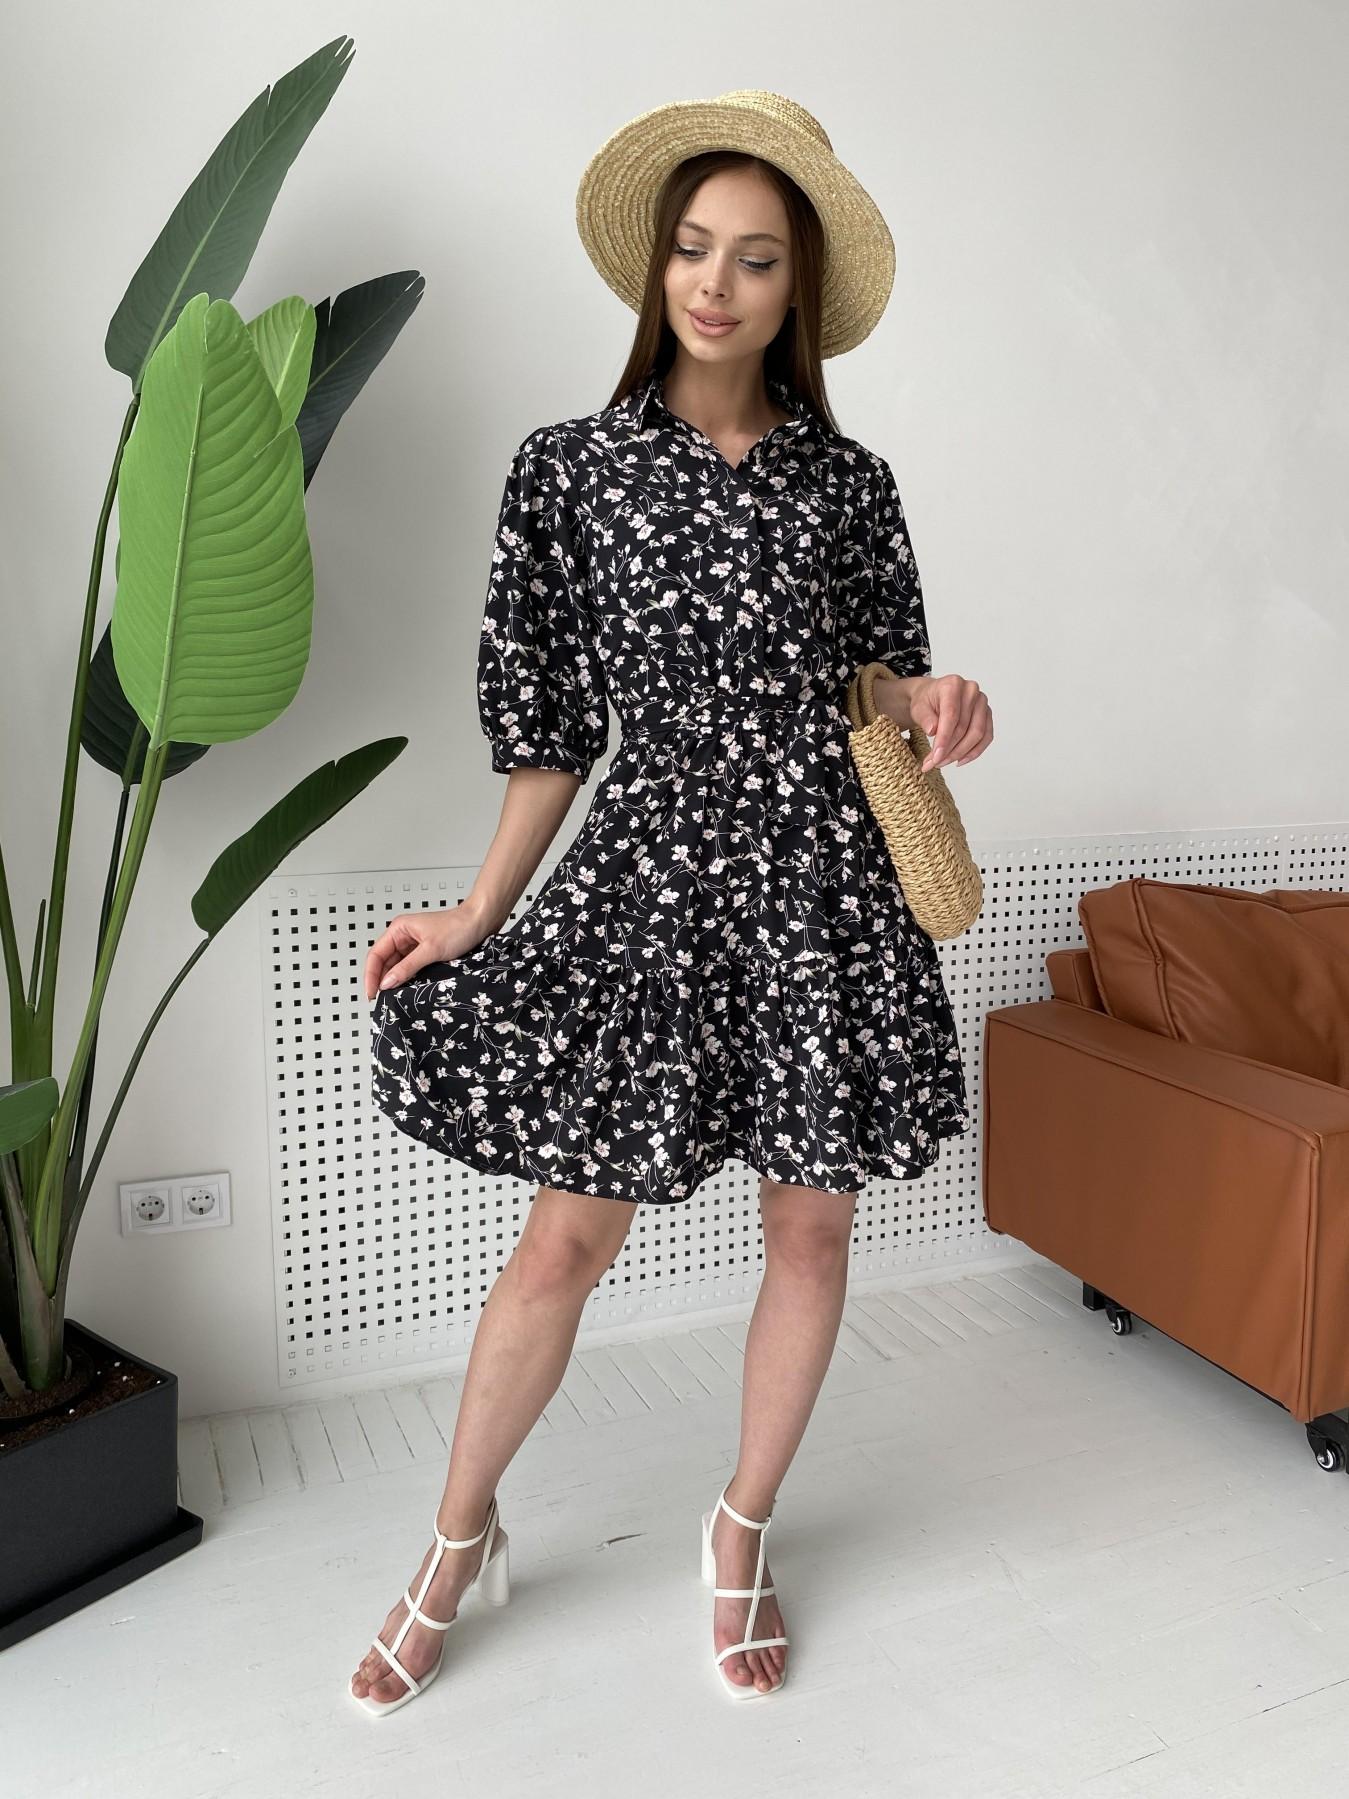 Молизе платье с коротким рукавом из софт ткани в принт 11315 АРТ. 47852 Цвет: Черный/молоко, Цветы - фото 9, интернет магазин tm-modus.ru